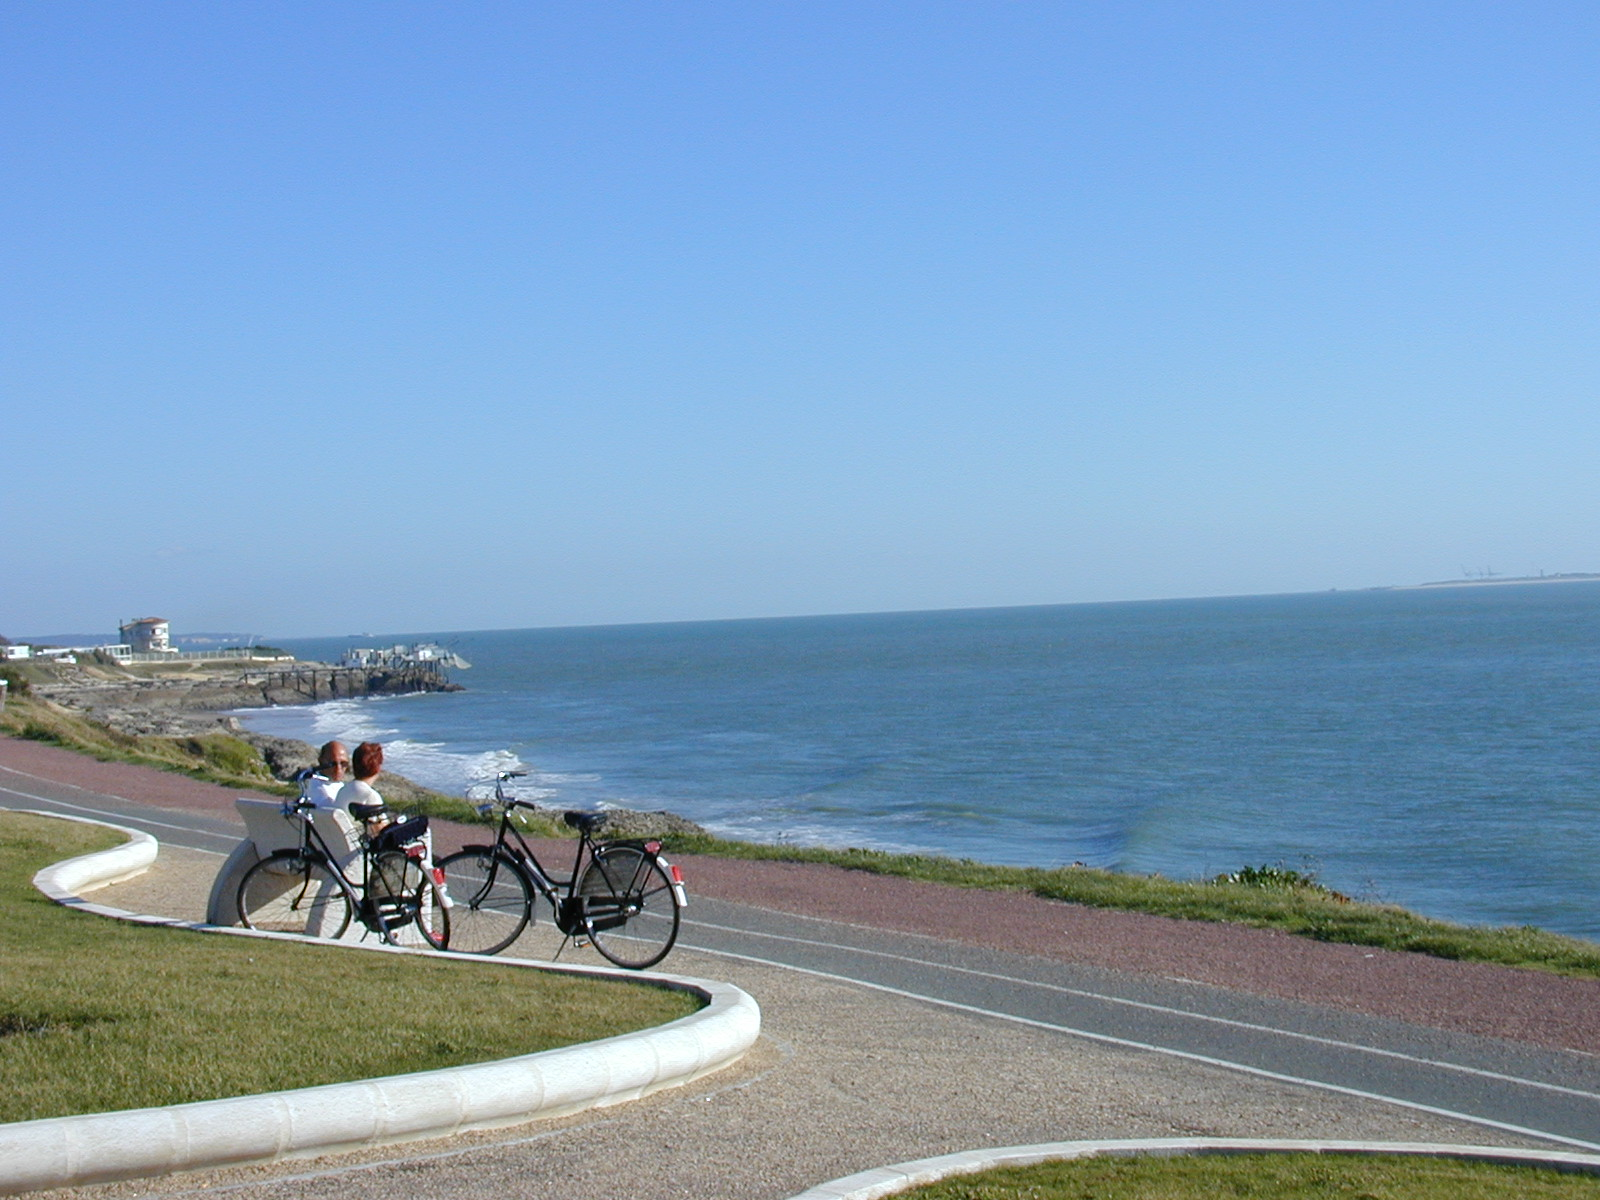 Velodyssee De Royan A Biarritz A Velo La Bicyclette Verte